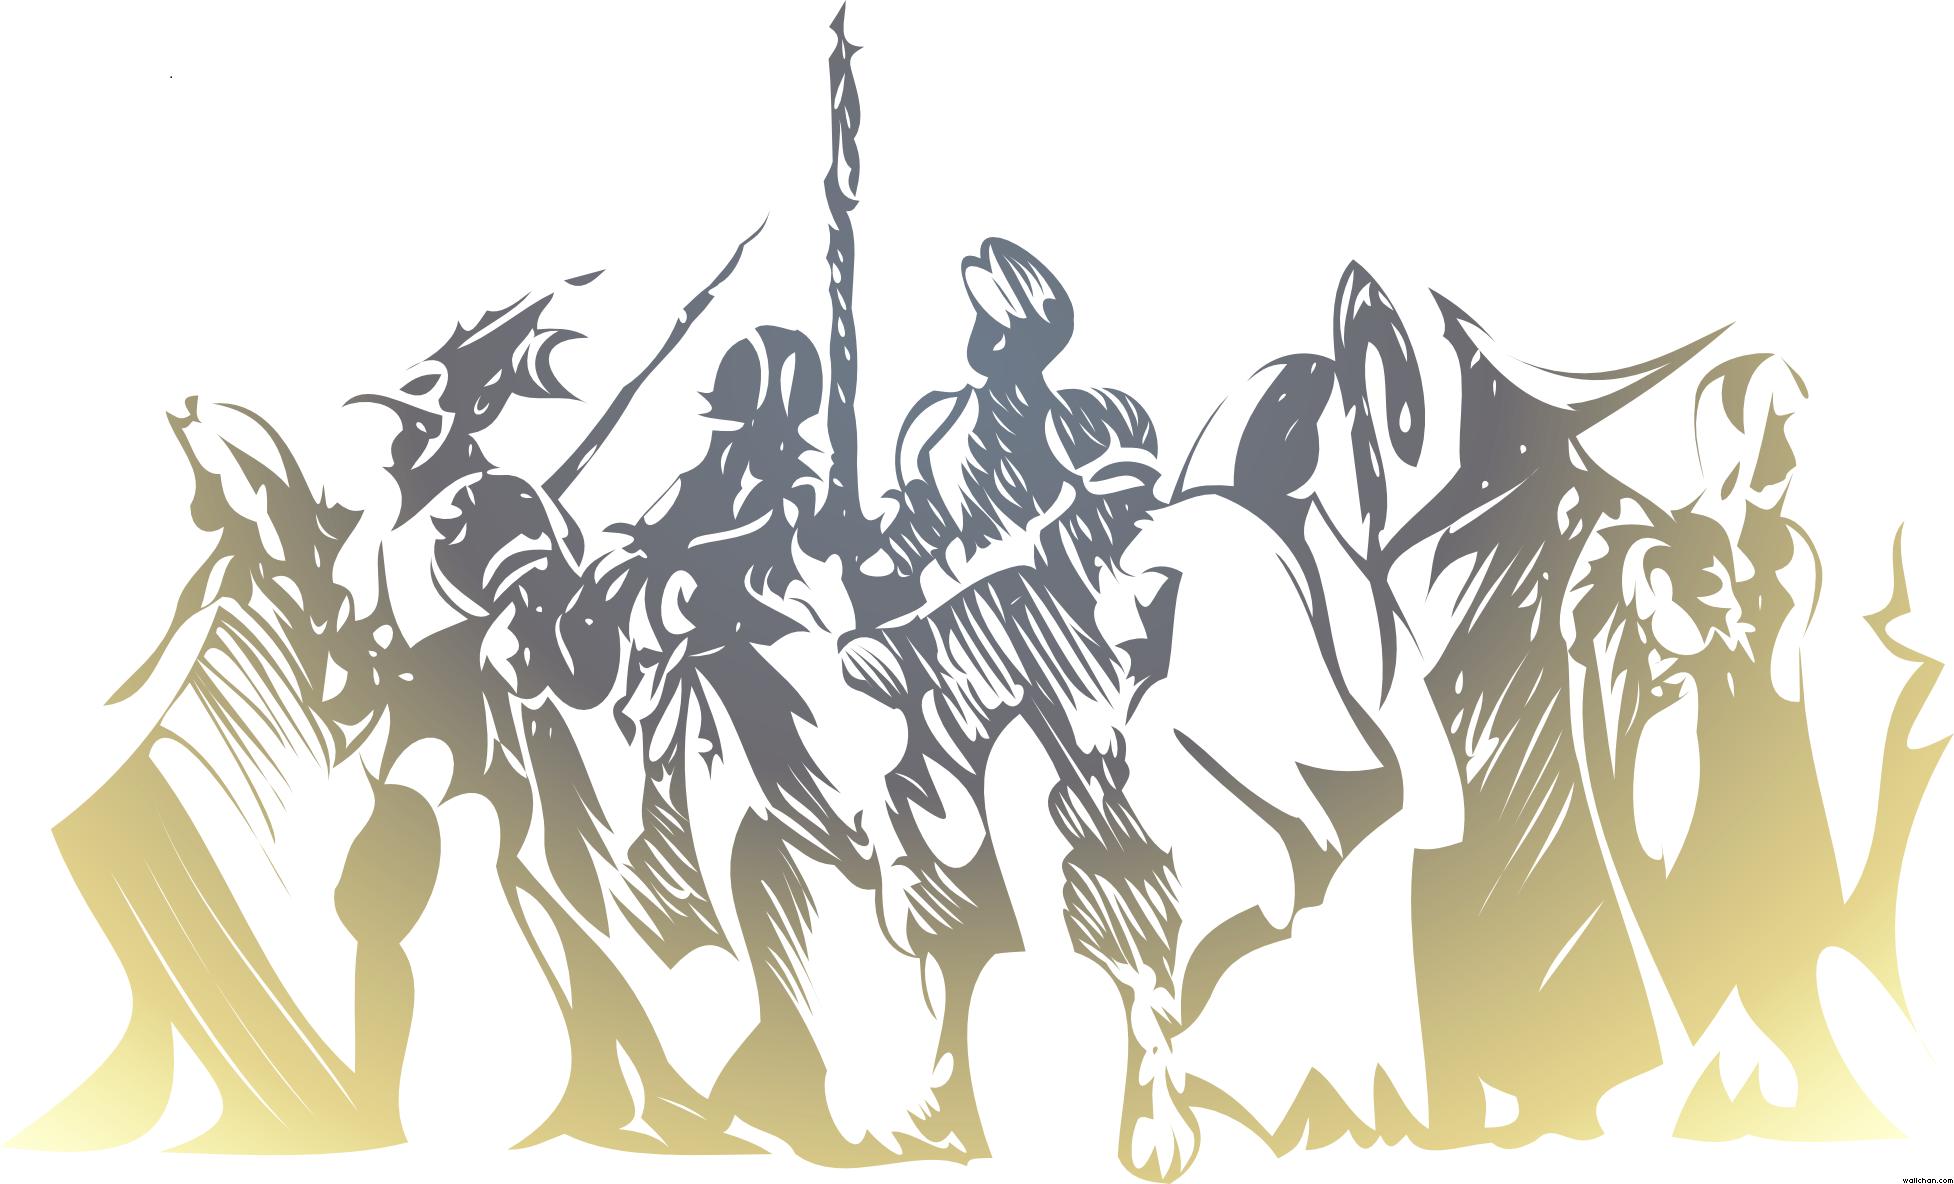 48293 Final Fantasy Tactics Logo Png 1954 1184 Final Fantasy Tactics Final Fantasy Logo Final Fantasy Art